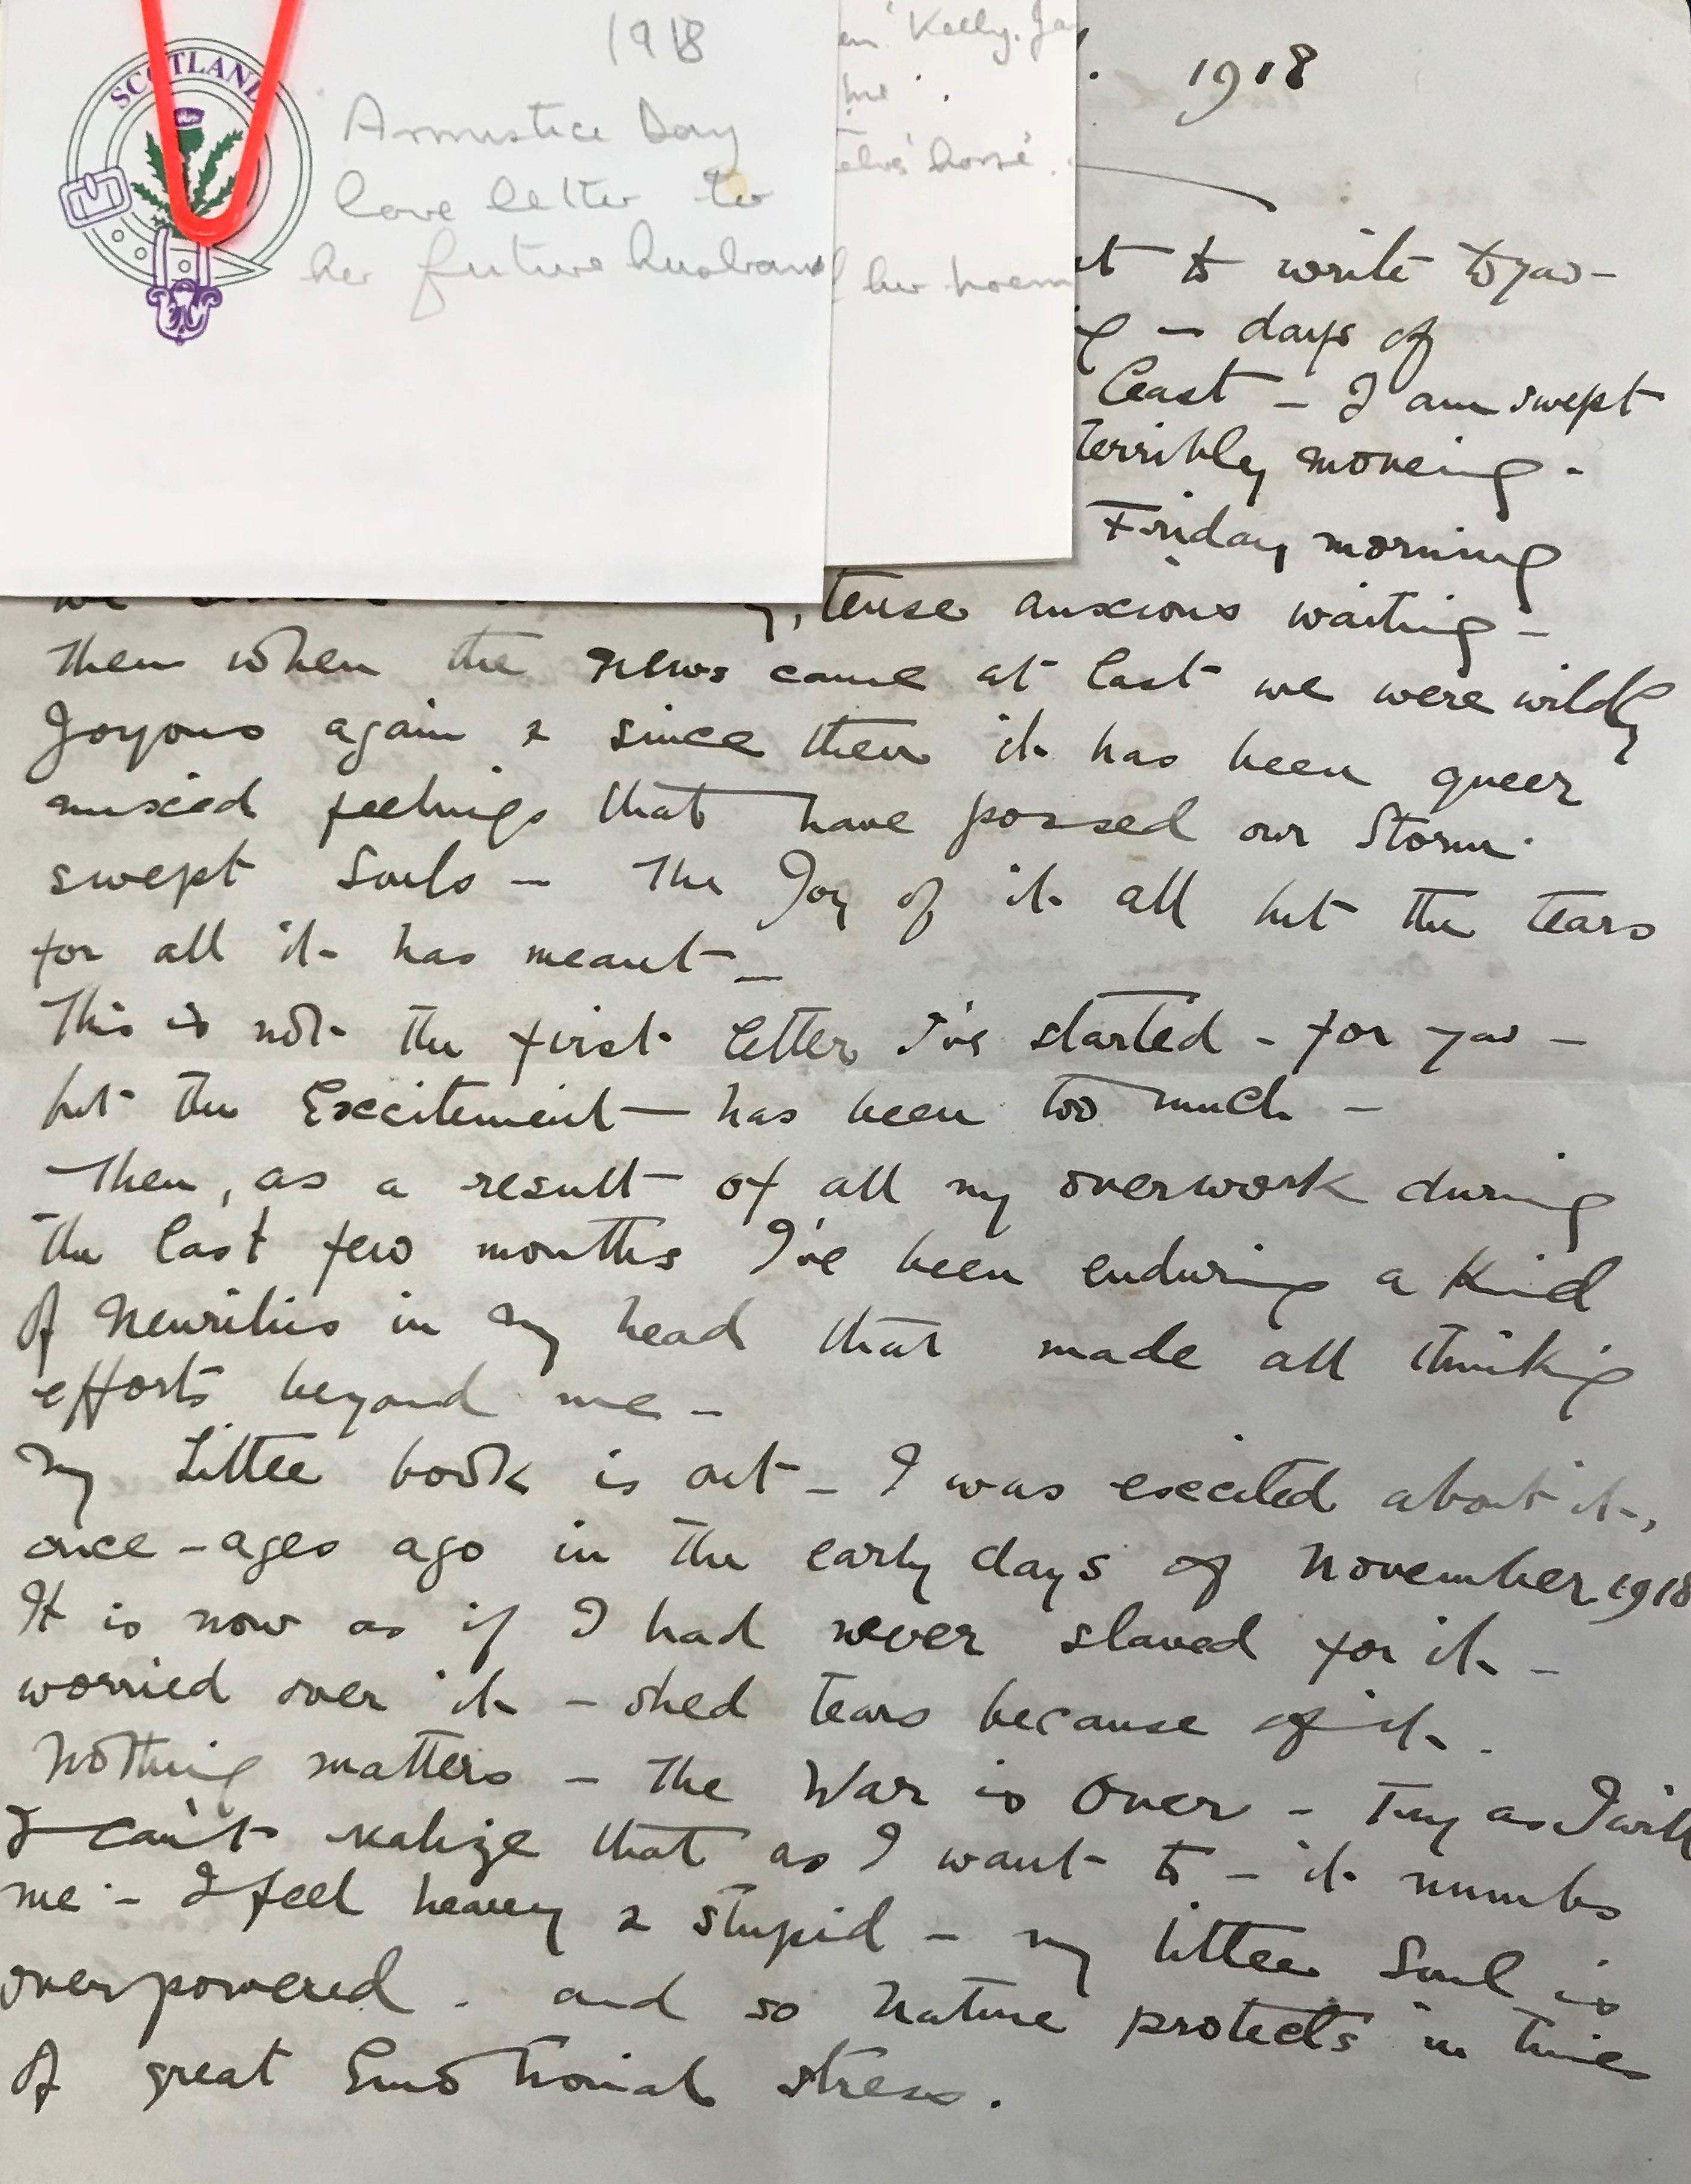 A handwritten letter dated 1918.